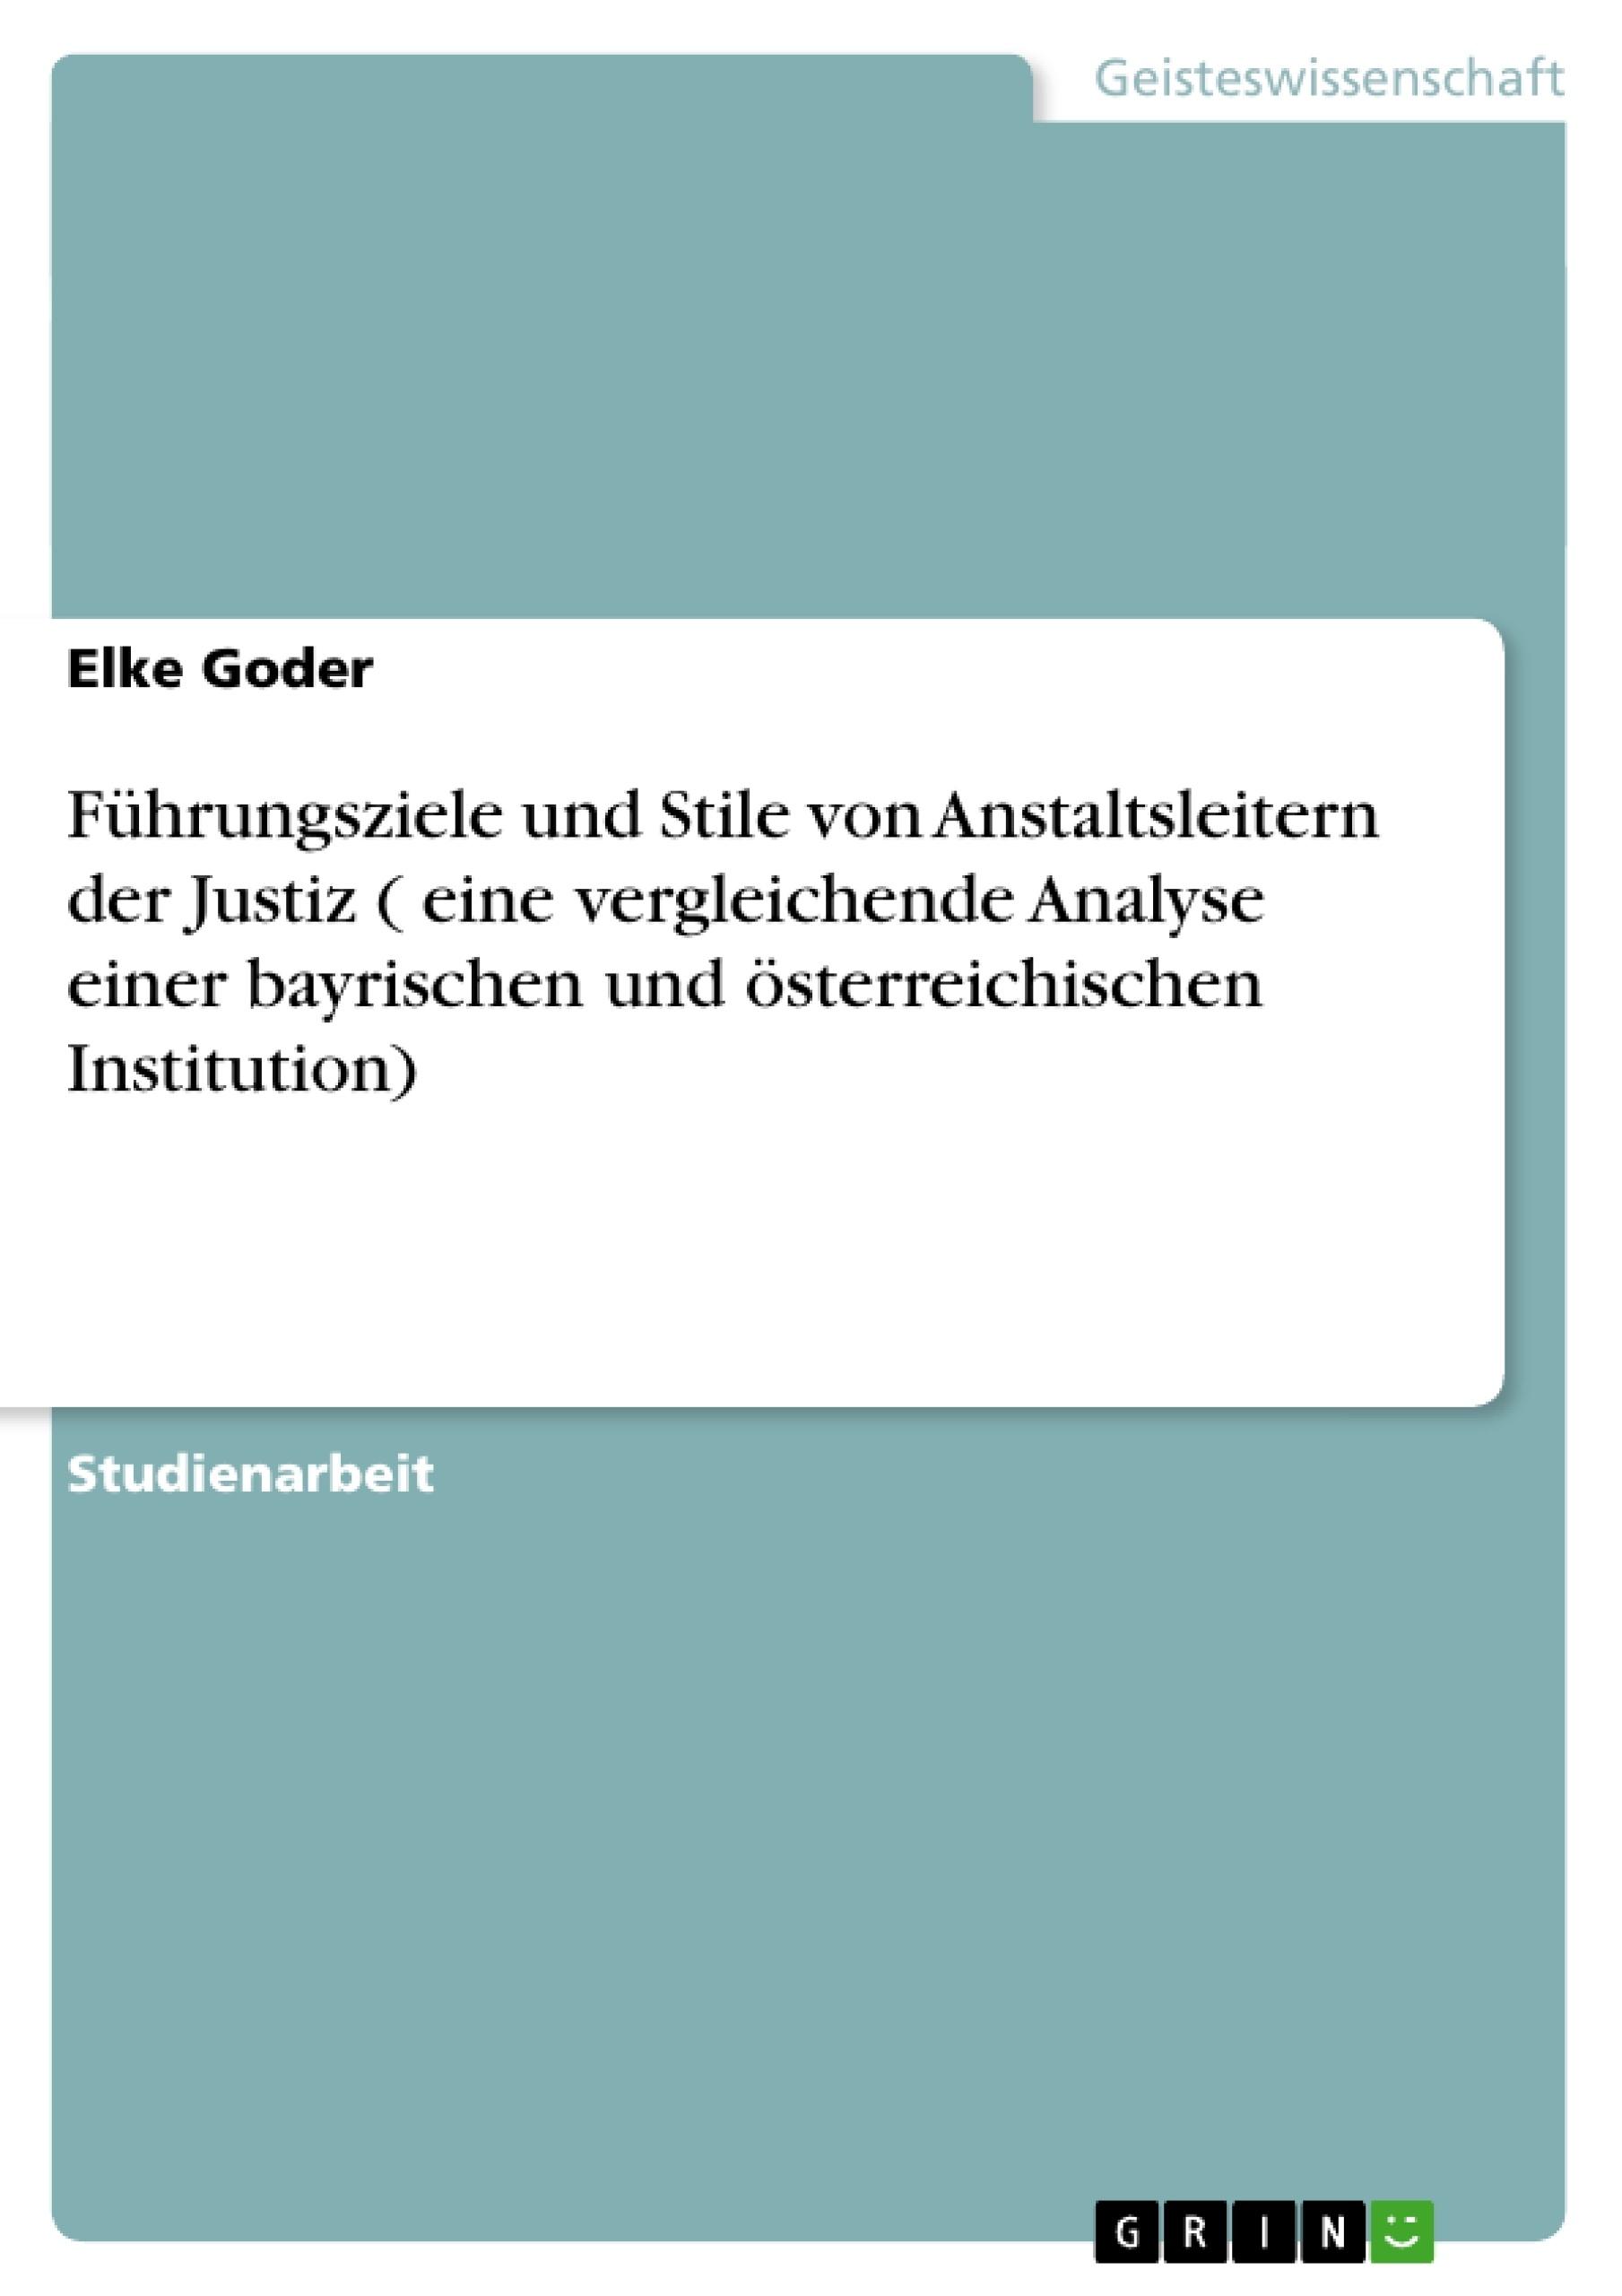 Titel: Führungsziele und Stile von Anstaltsleitern der Justiz ( eine vergleichende Analyse einer bayrischen und österreichischen Institution)